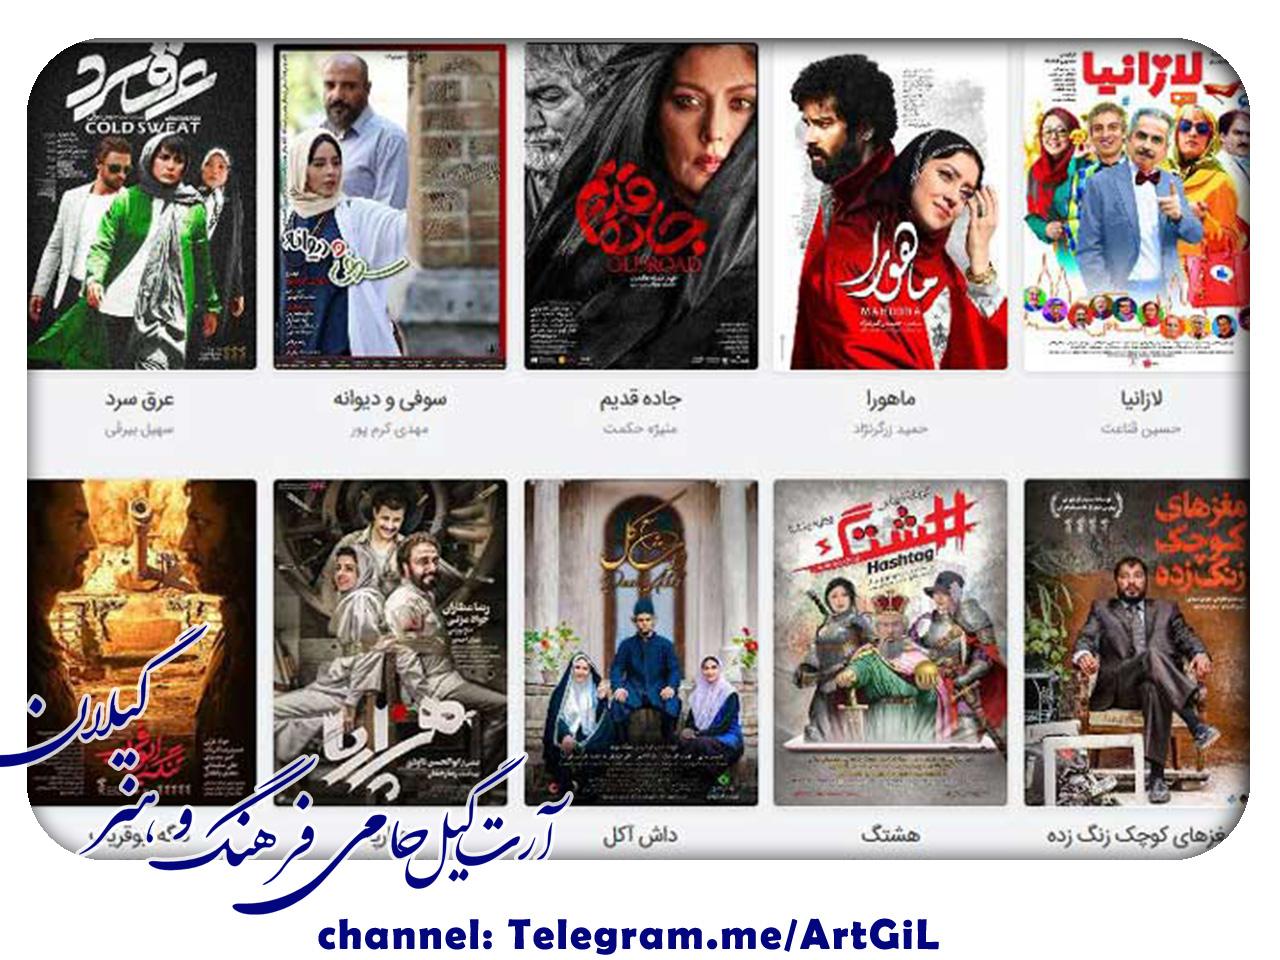 جدول فروش فیلمهای در حال اکران (آذر ۹۷)